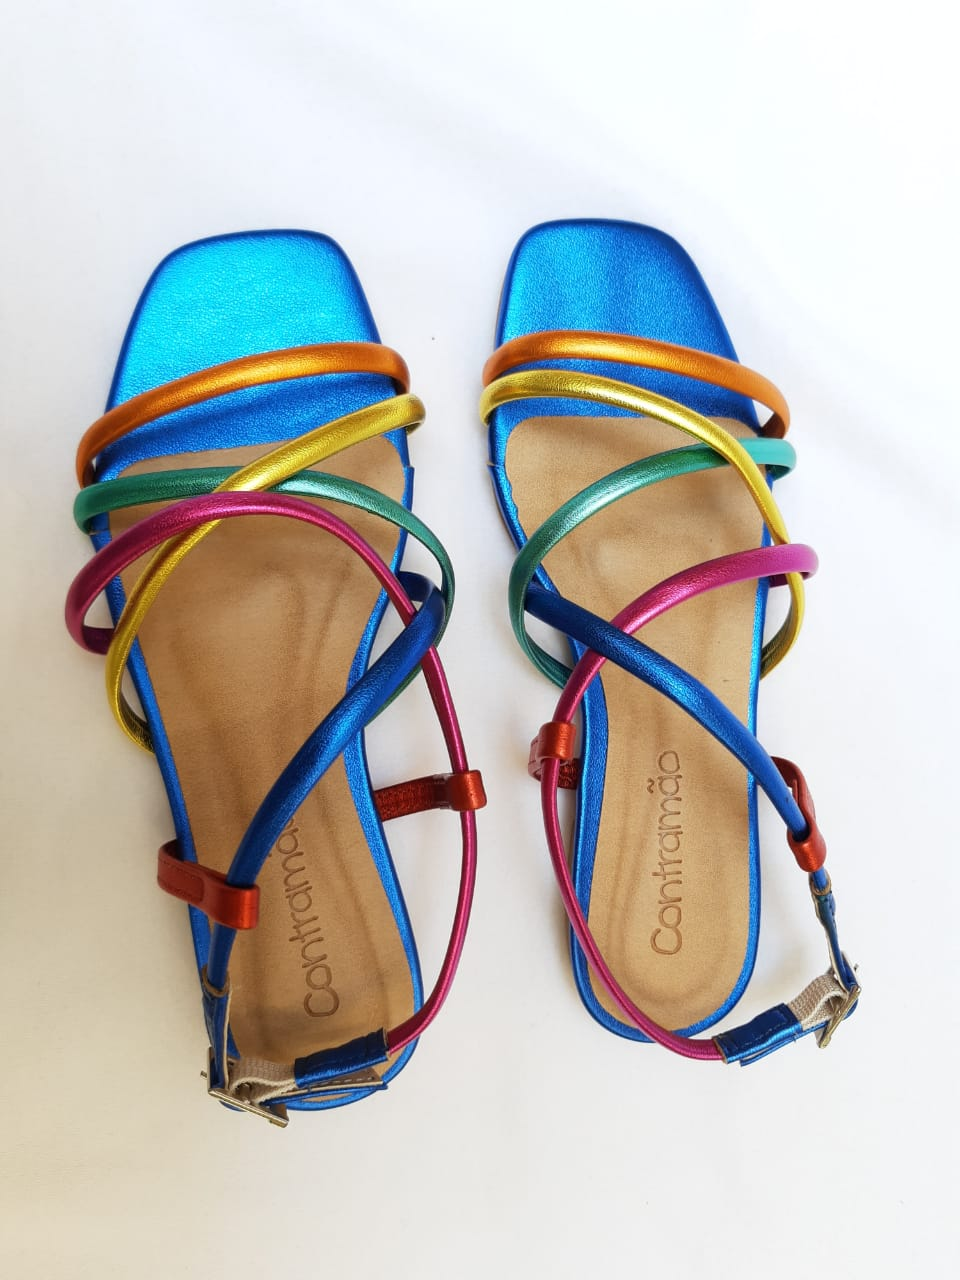 Sandália Infantil Azul Tiras Redonda Coloridas Ipanema Contramão